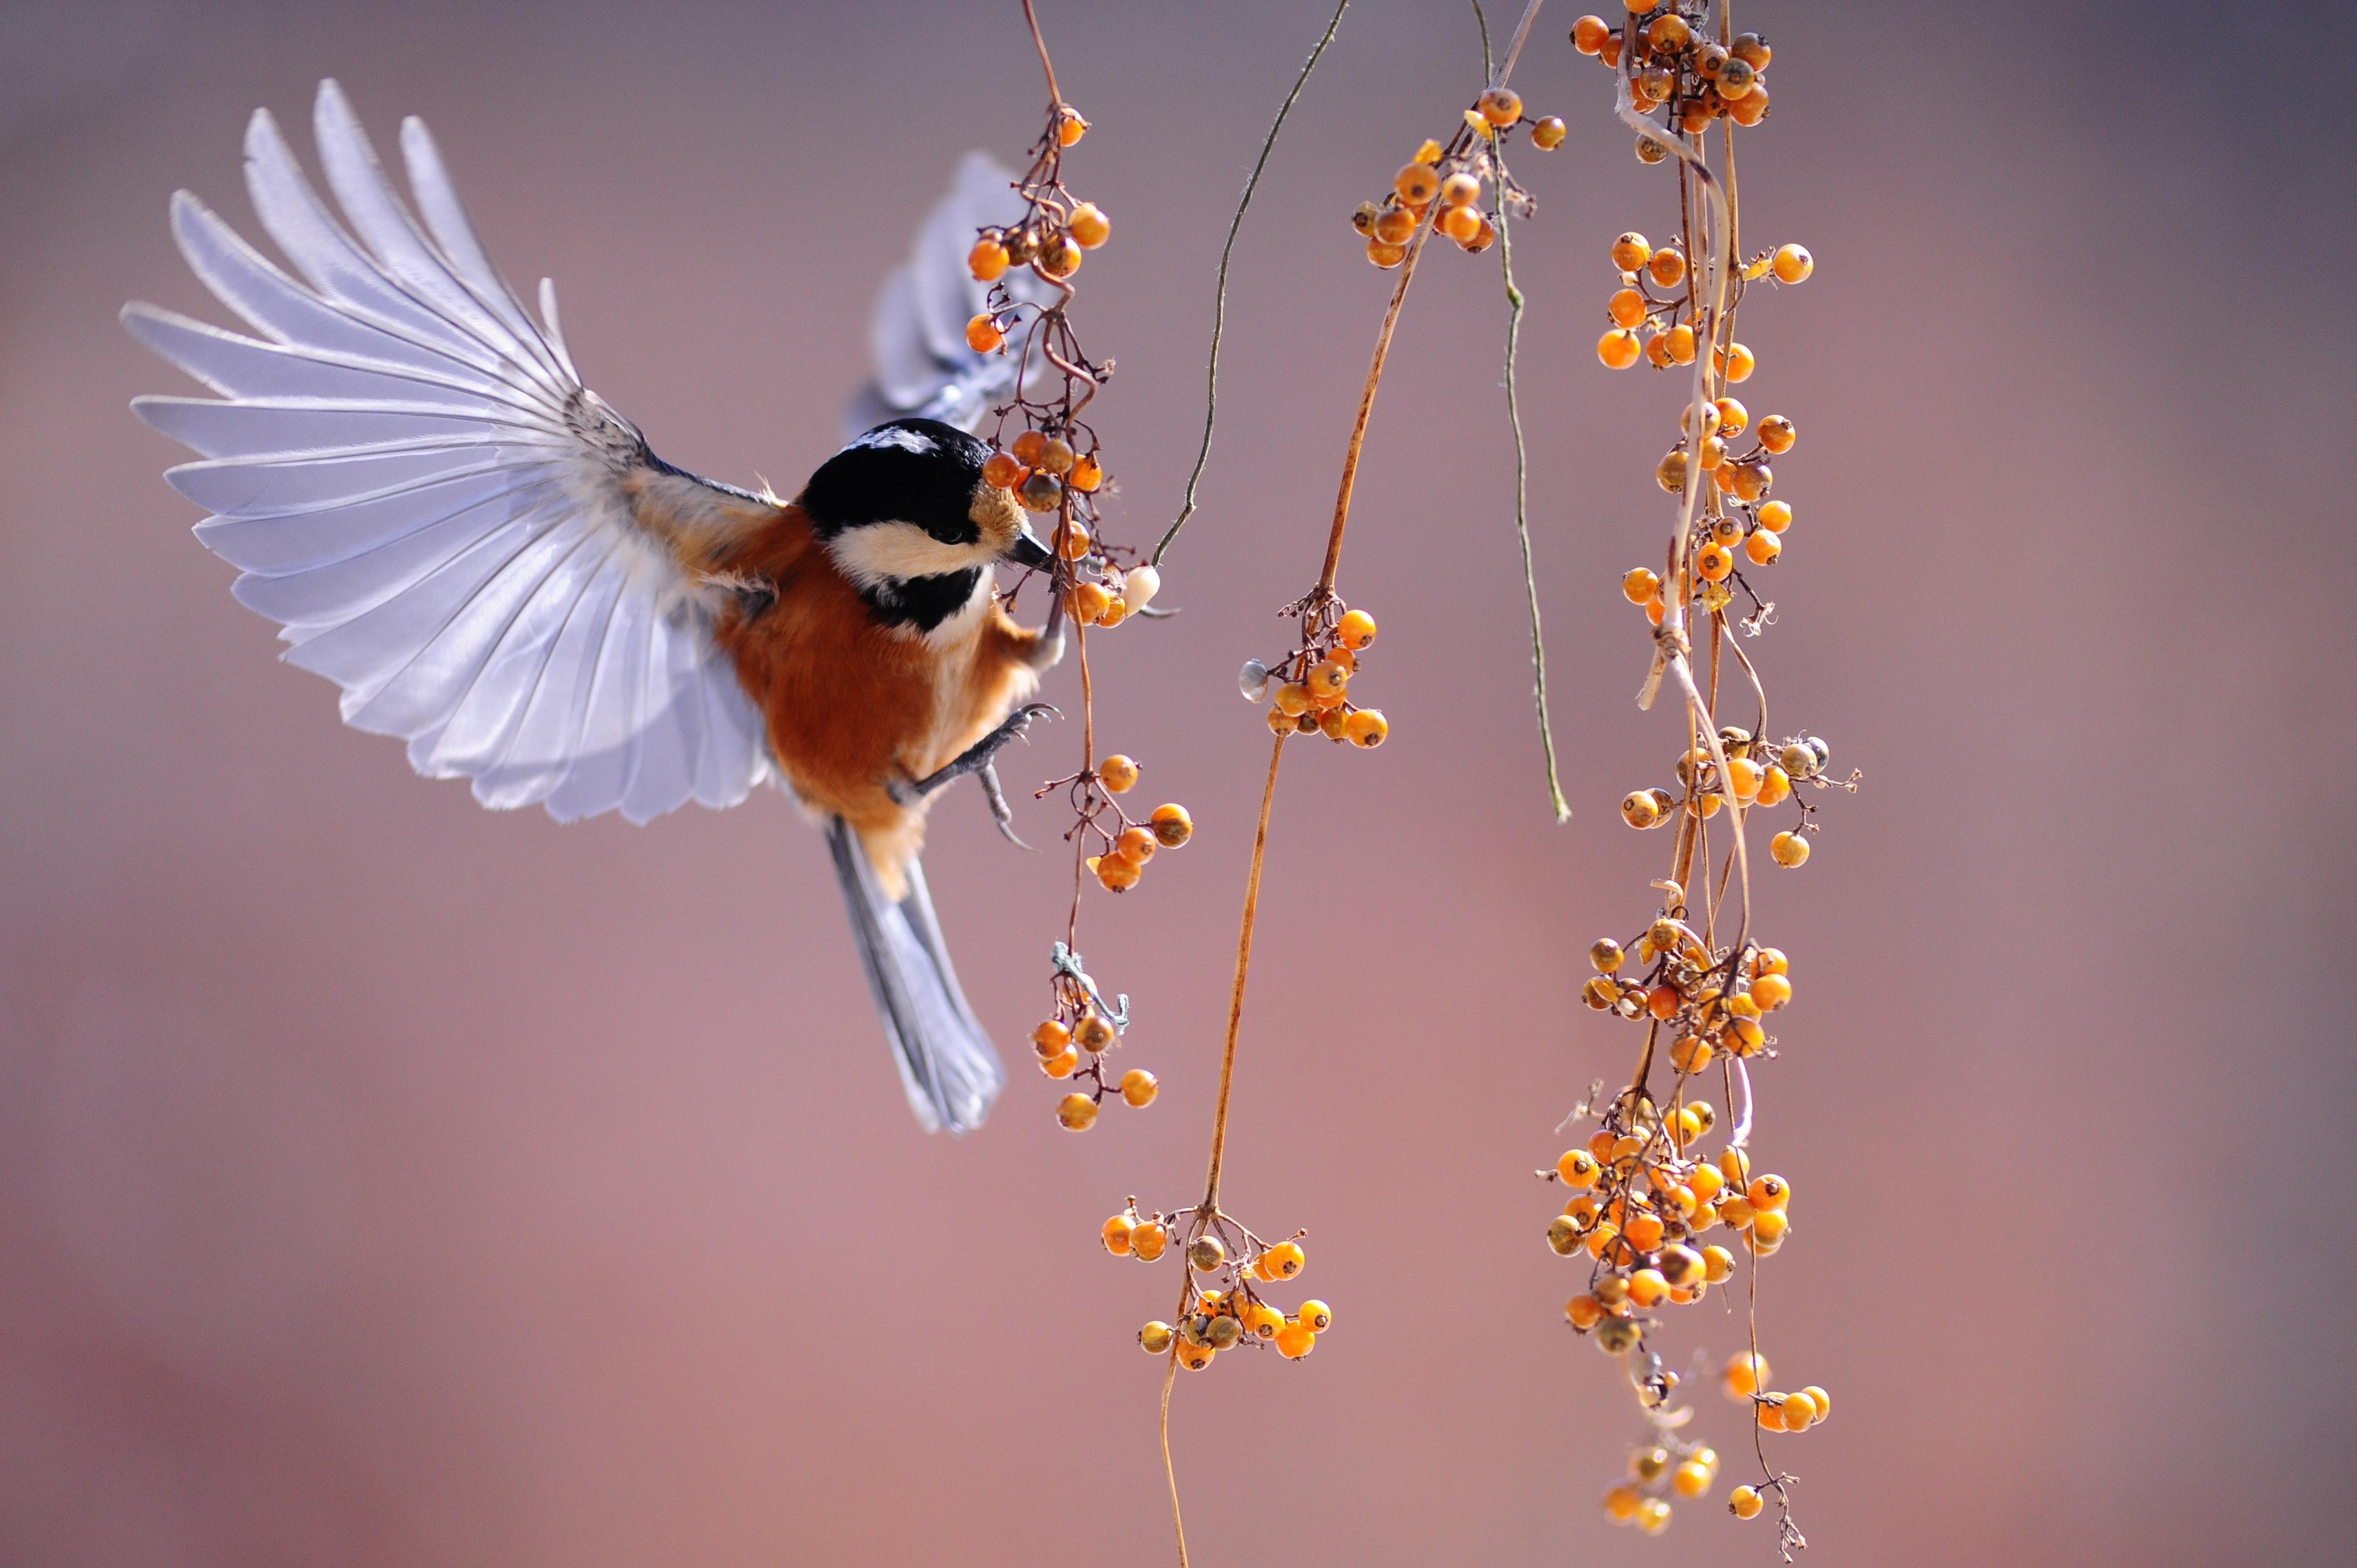 L'émerveillement - le spectacle de la nature